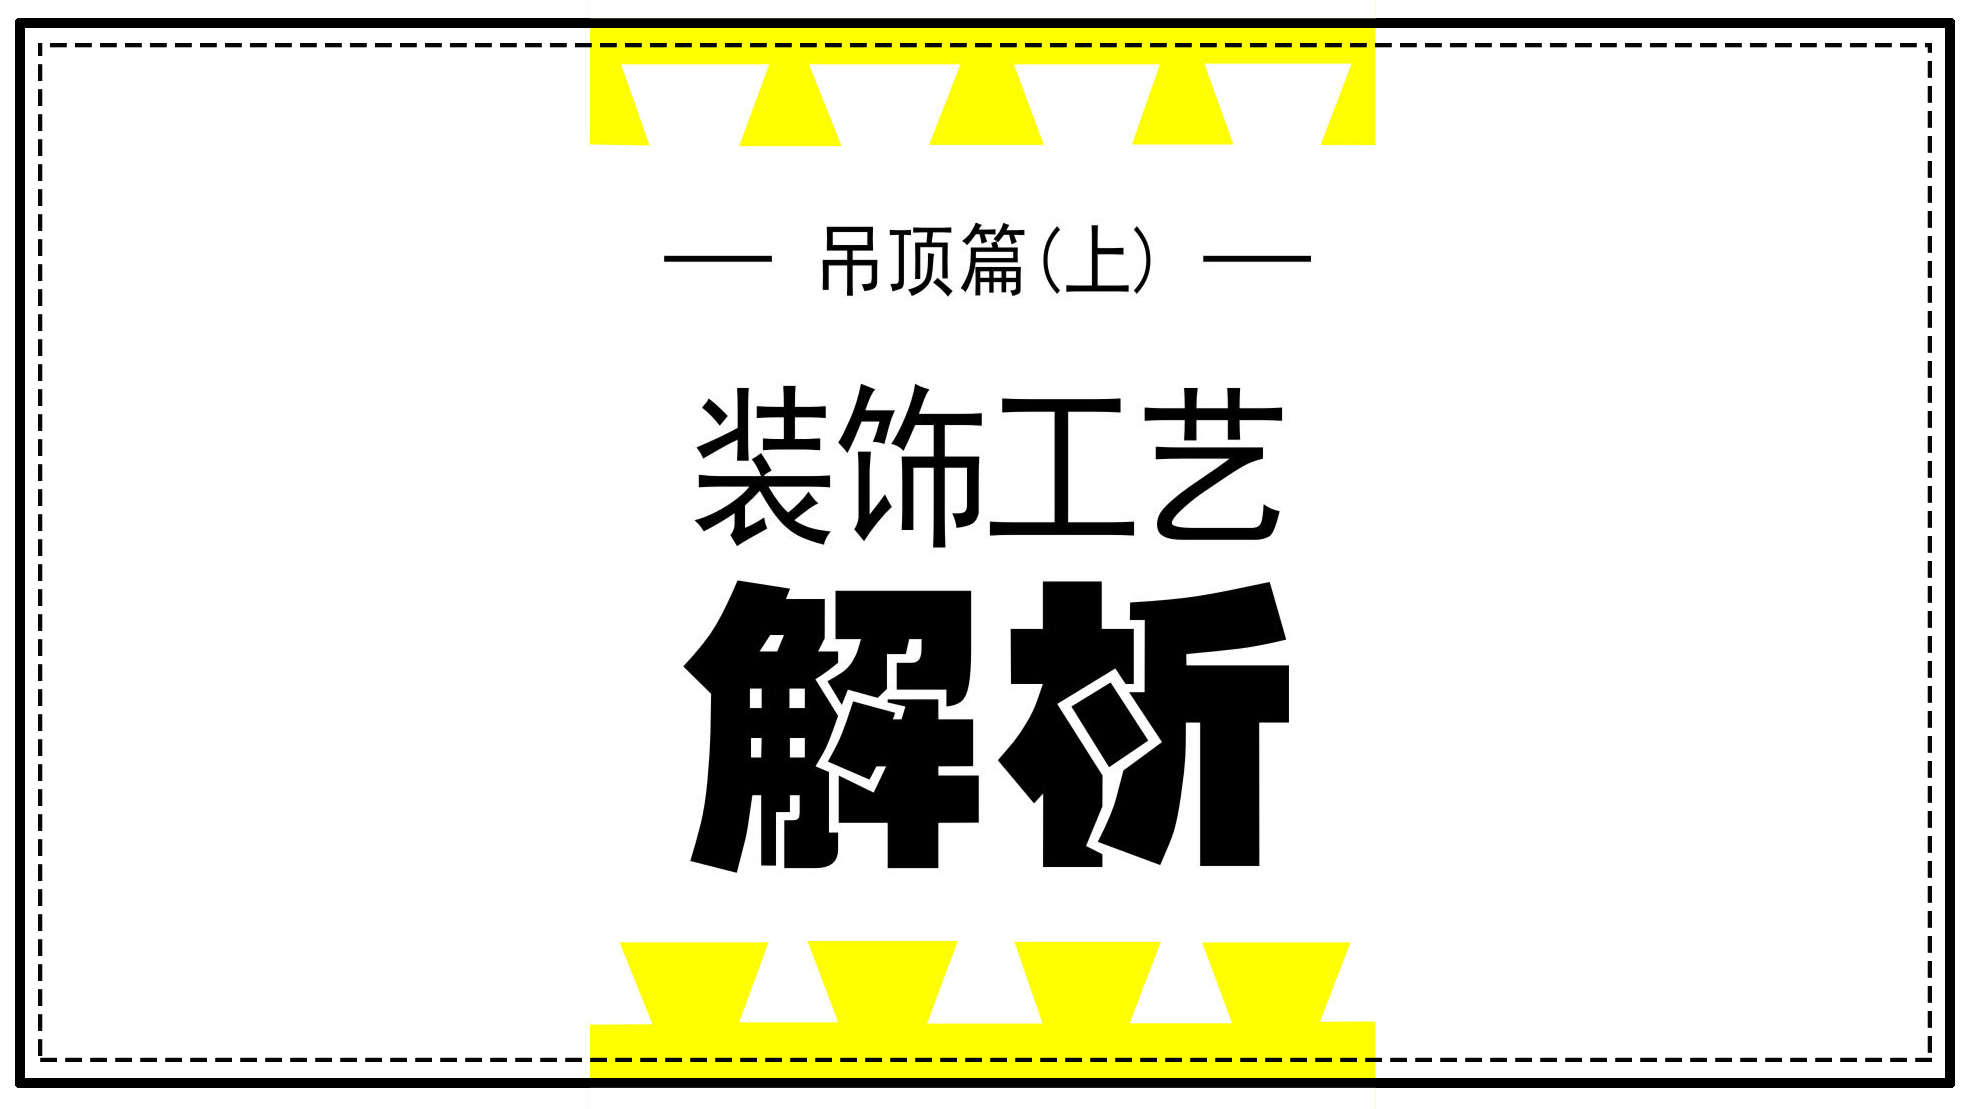 装饰工艺解析—吊顶篇(上)